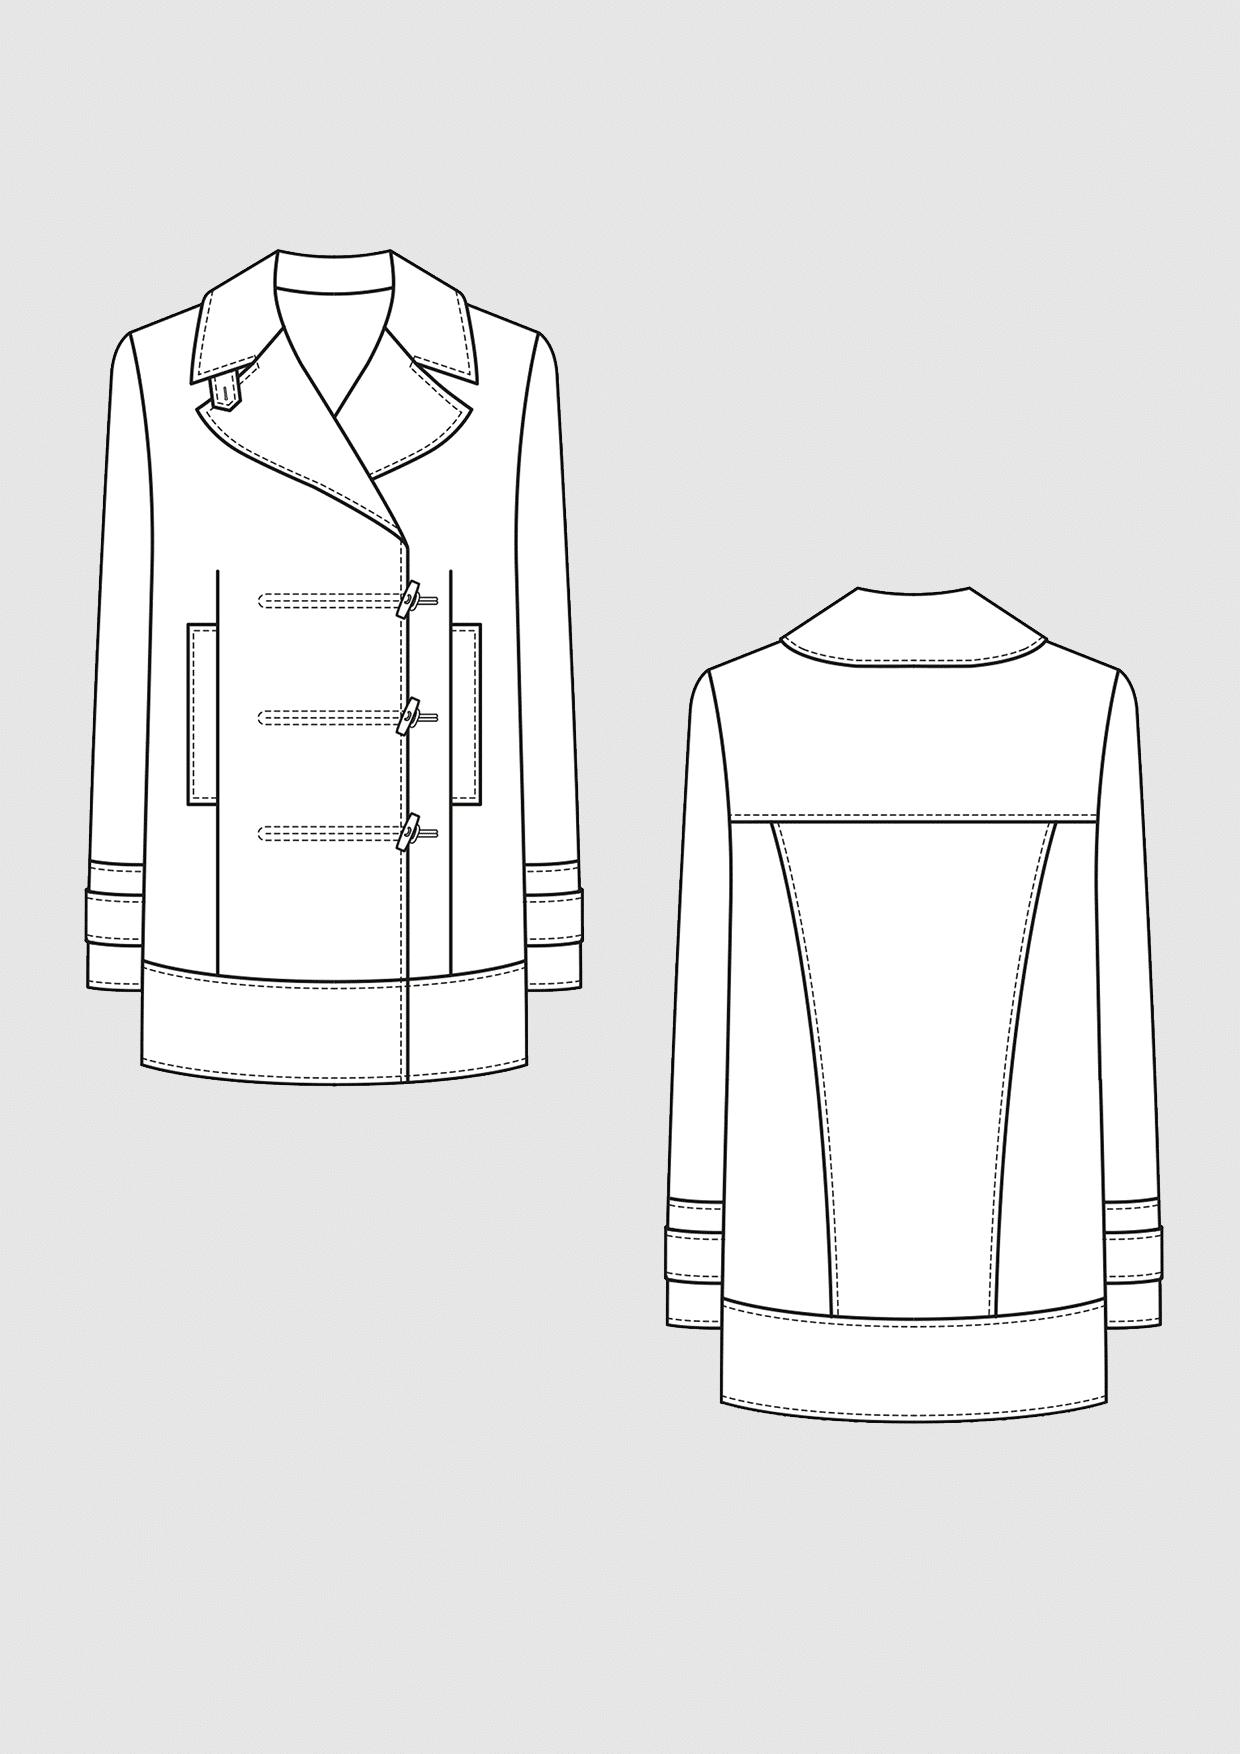 Product: Pattern Caban Jacket